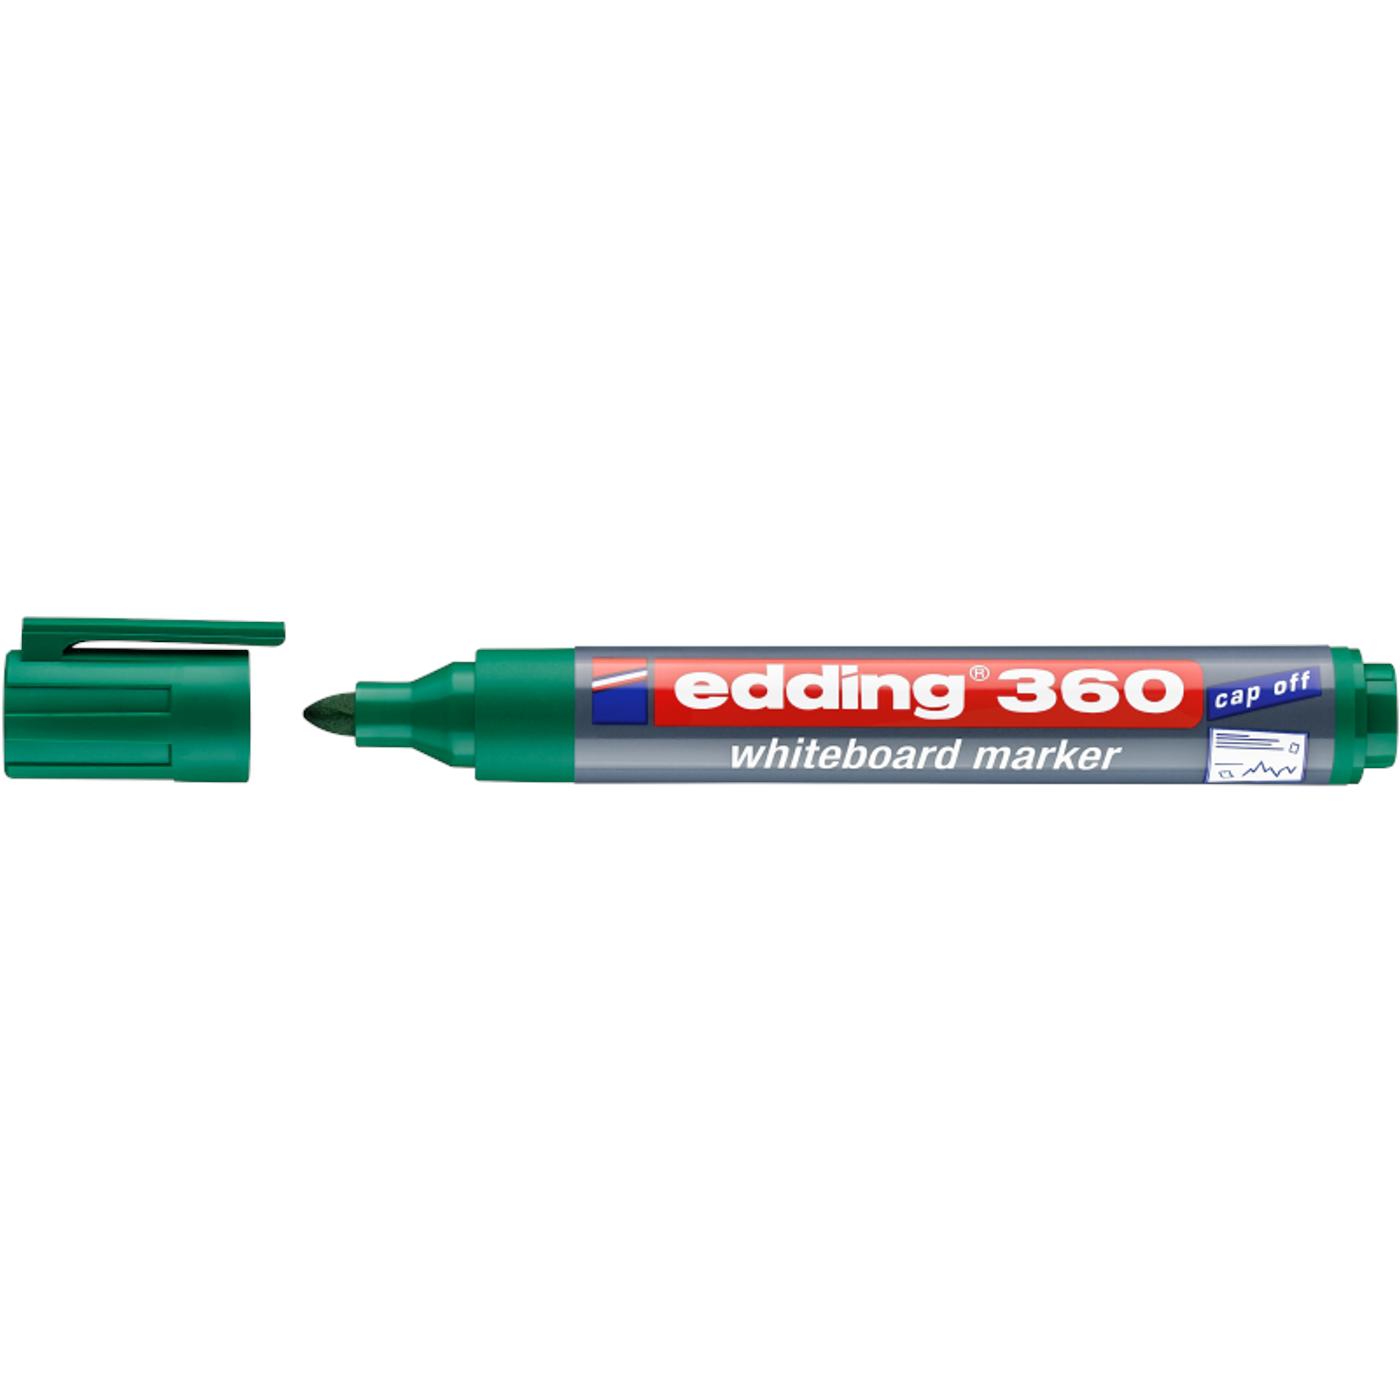 EDDING 360 WHITEBOARD MARKER (GREEN)